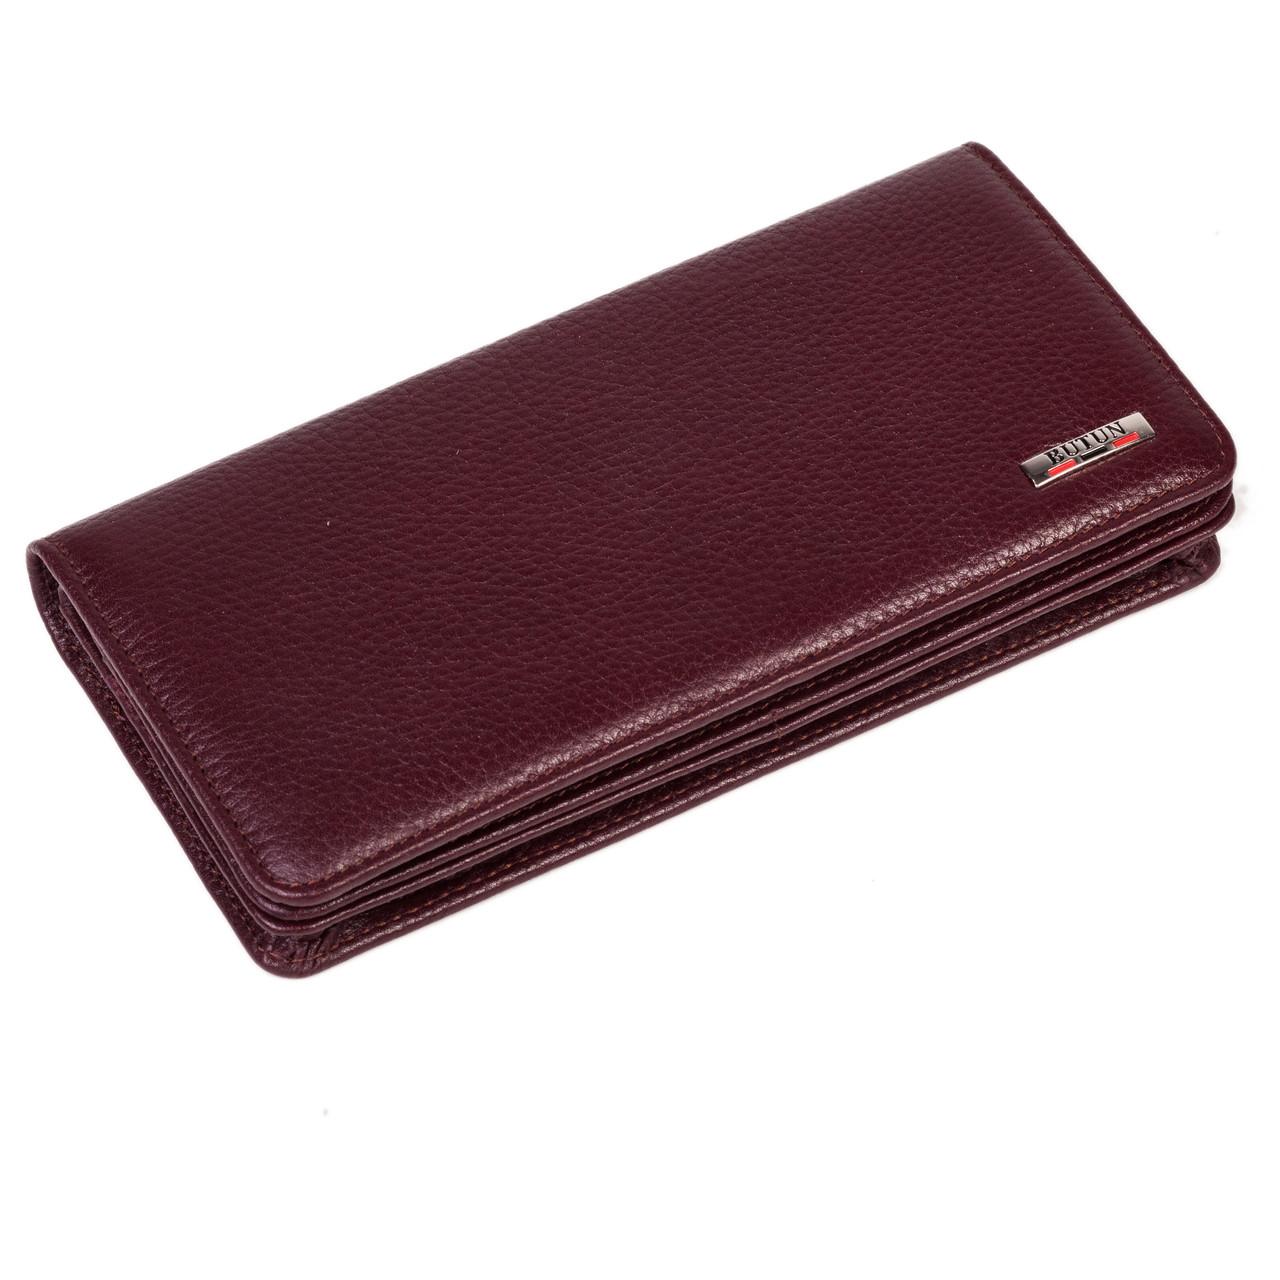 Женский кошелек Butun 641-004-002 кожаный бордовый